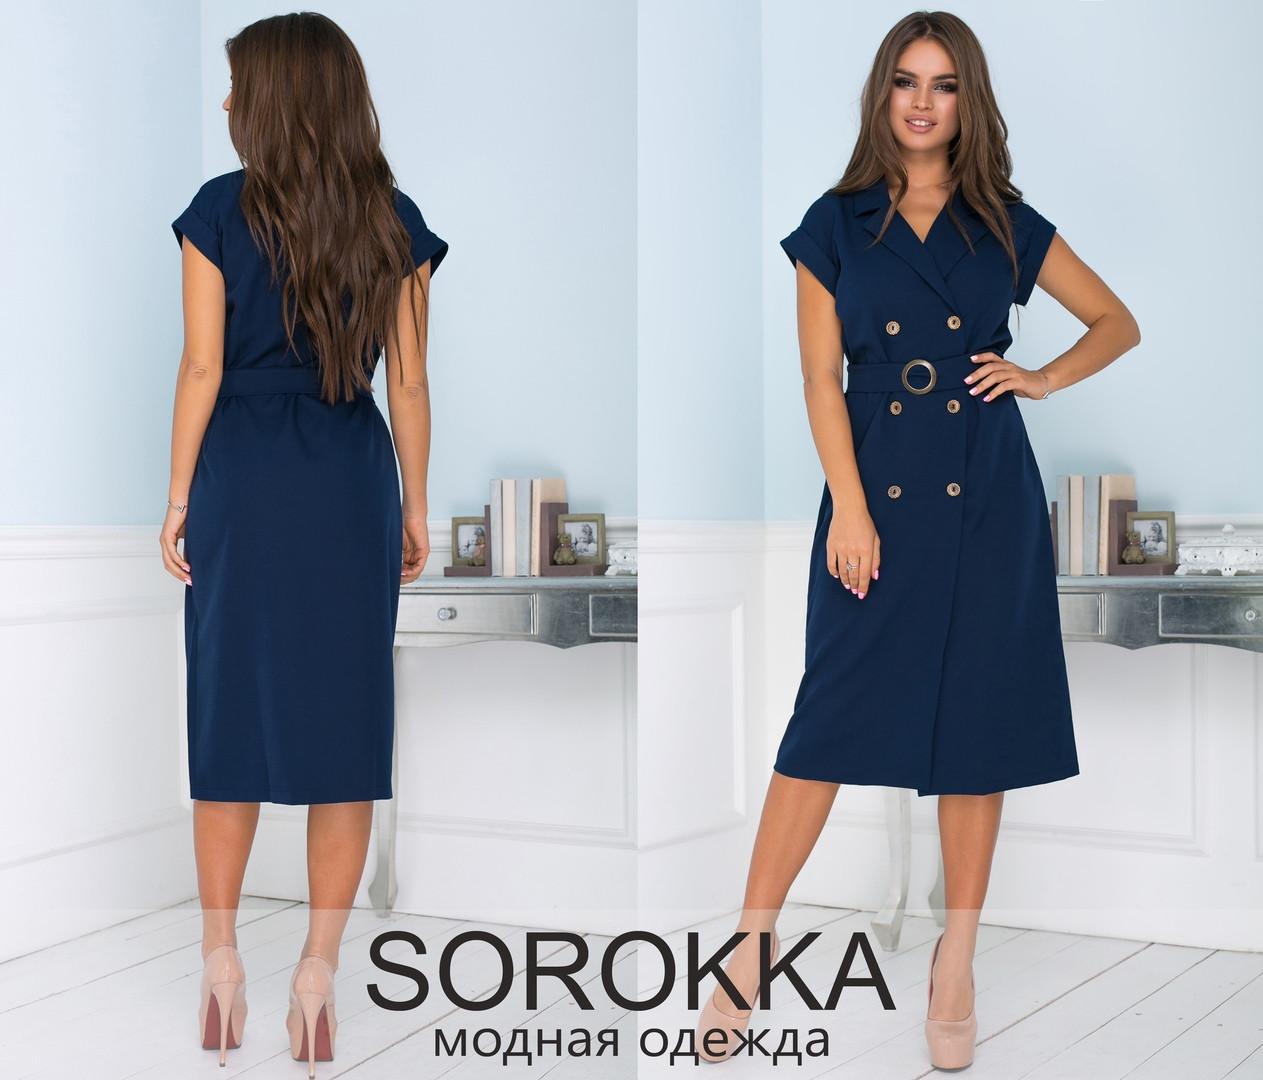 Стильное женское платье в деловом стиле 42, 44, 46 размер